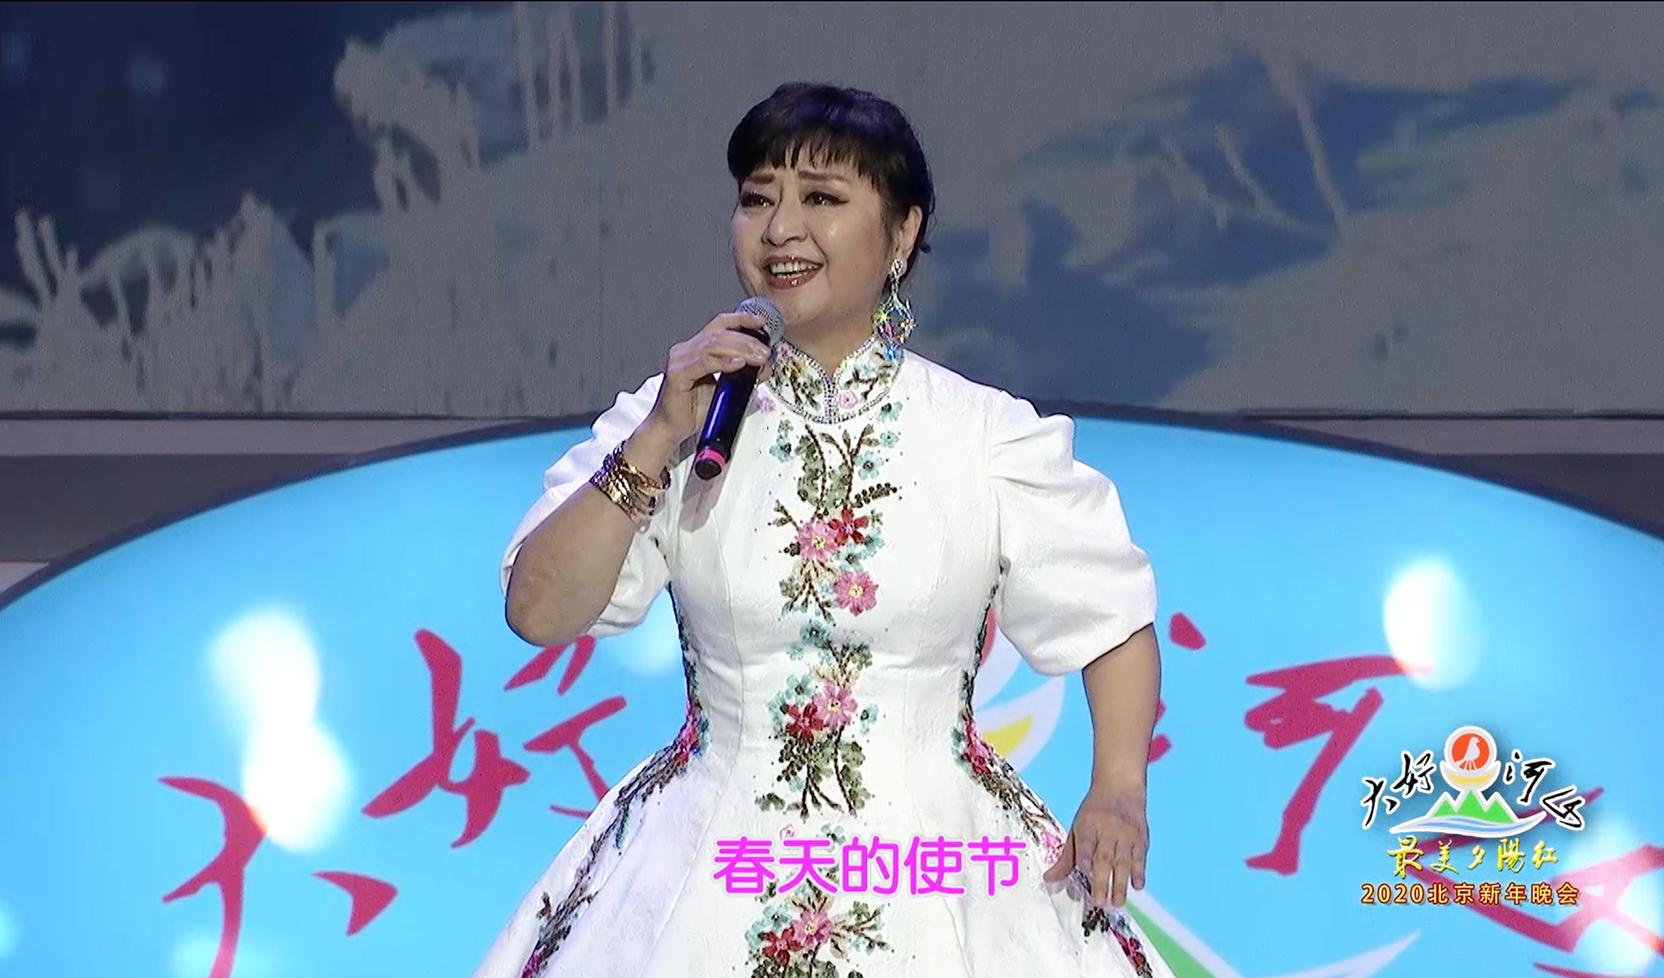 """大好河山2020北京""""最美夕阳红""""新年晚会 歌曲《我爱你塞北的雪》殷秀梅"""